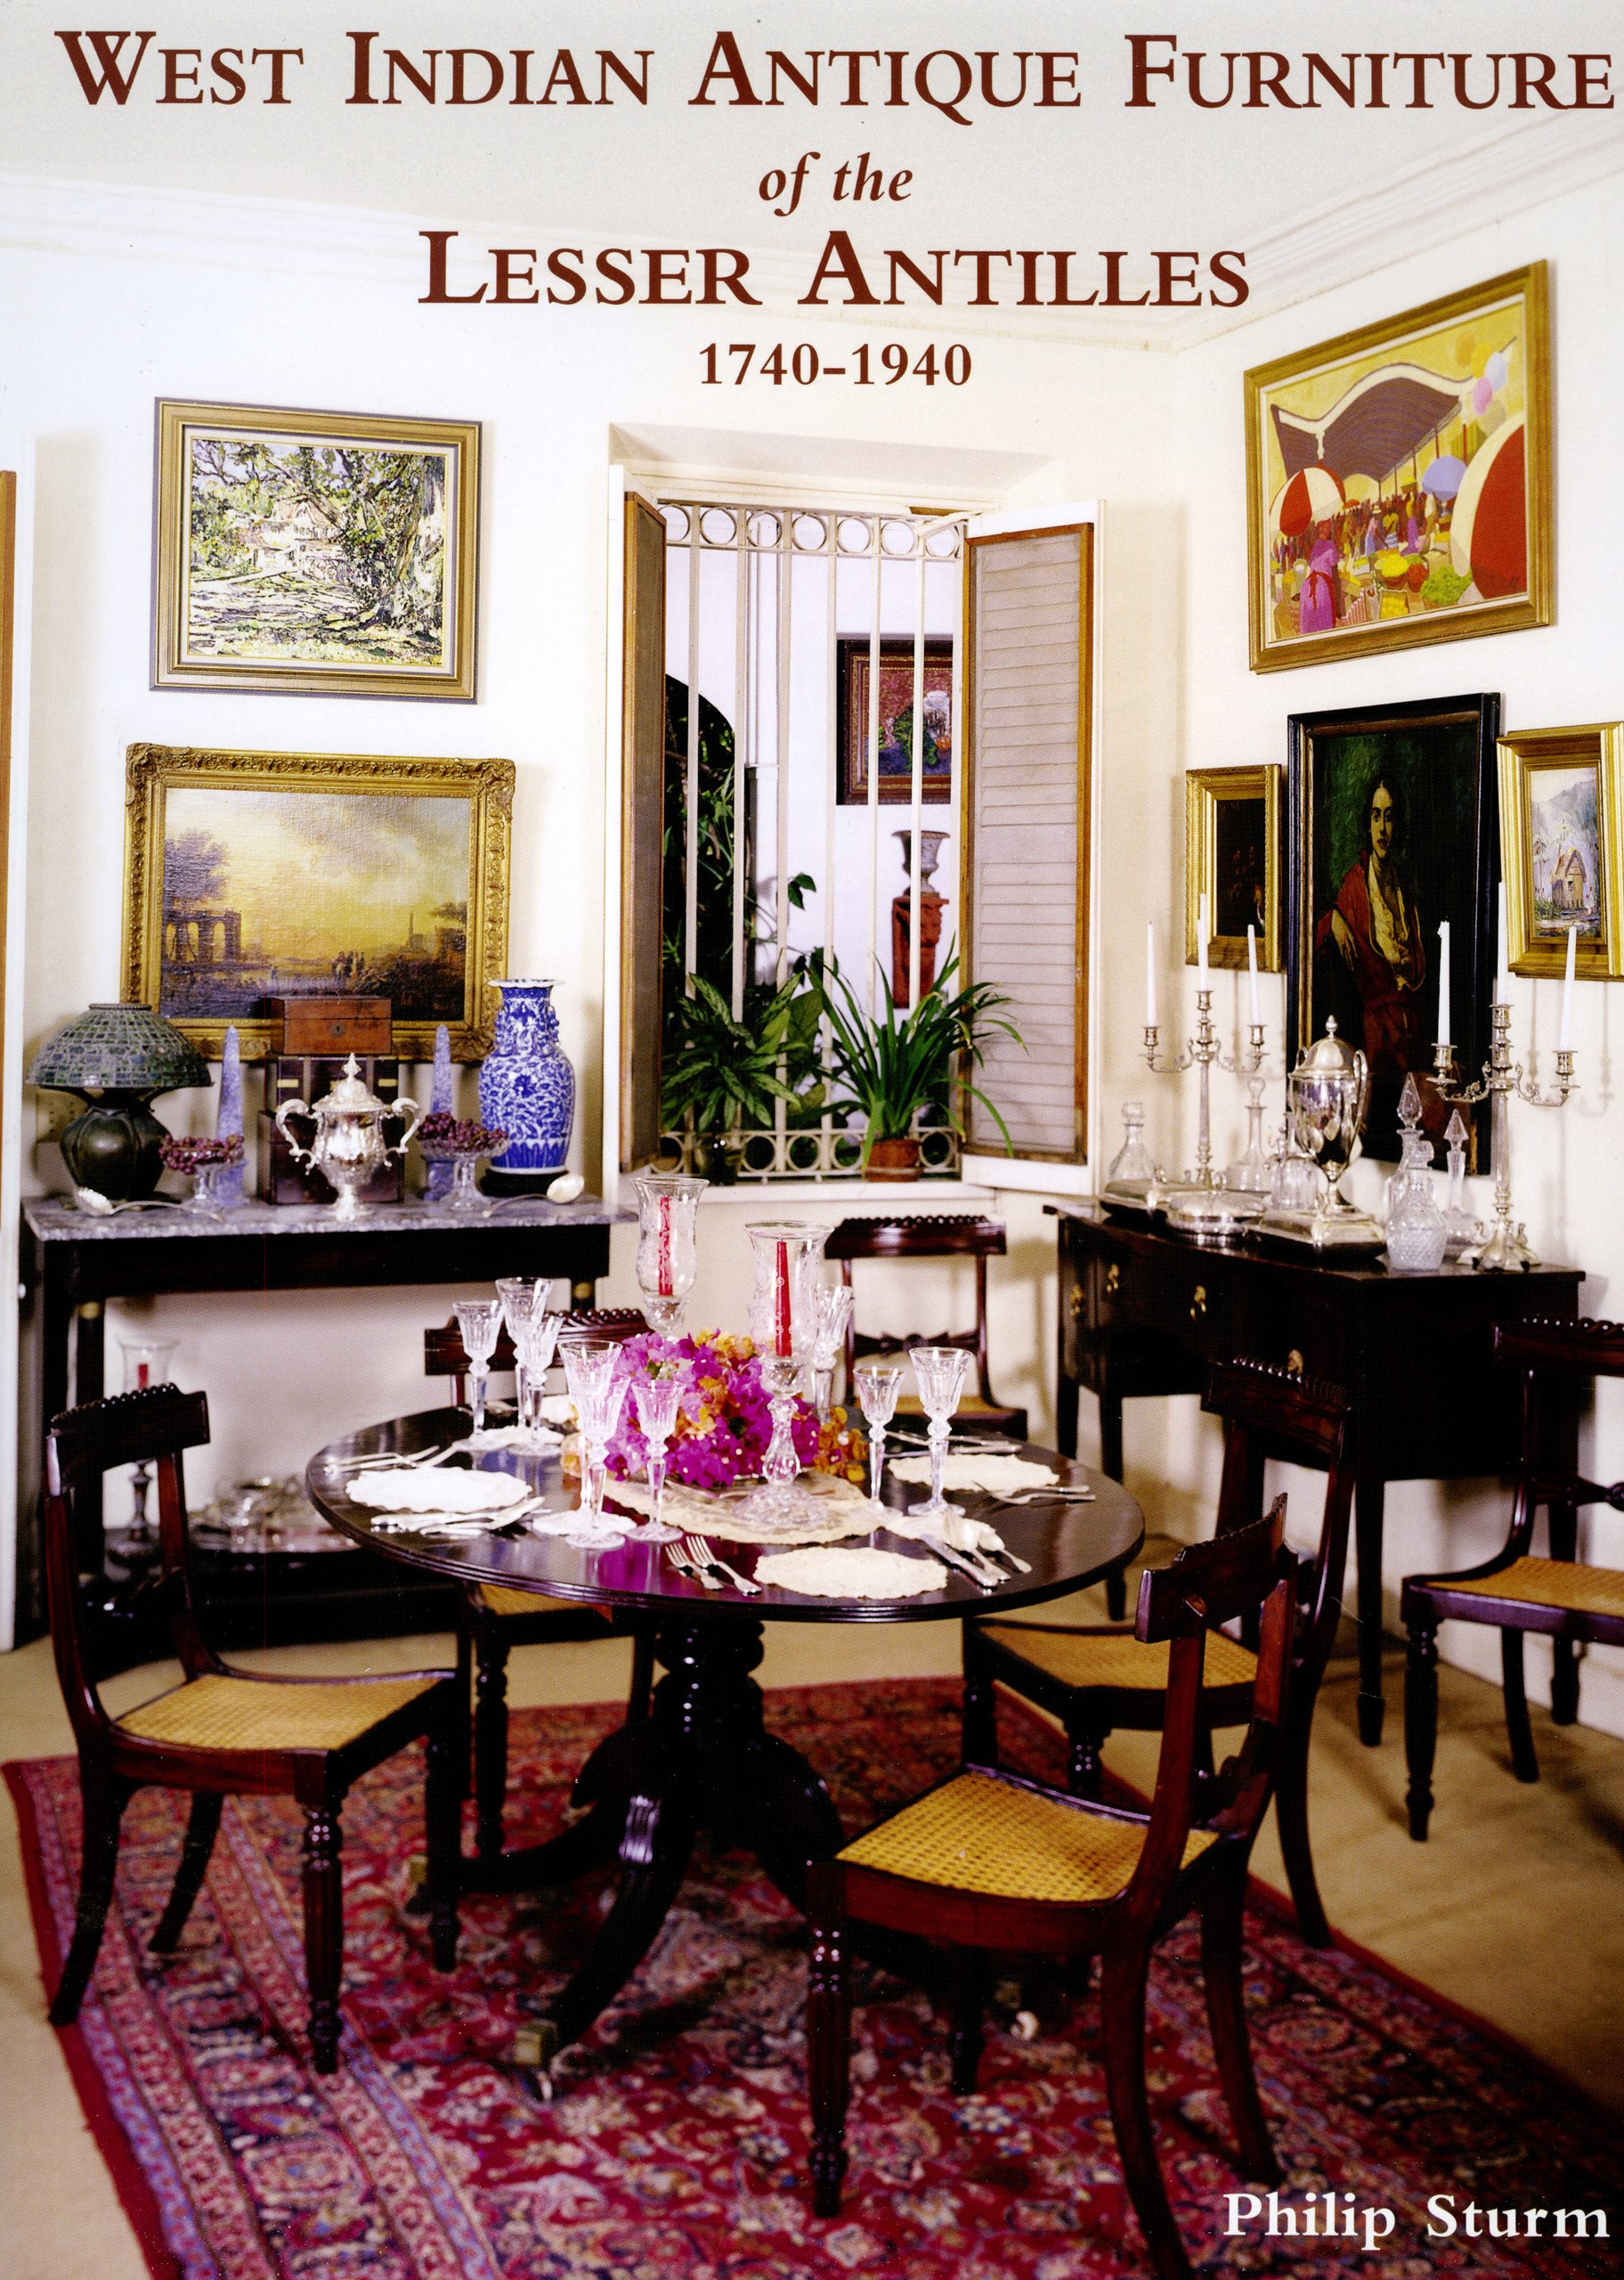 West Indian Antique Furniture Of The Lesser Antilles: 1740 1940: Philip  Sturm: 9781851495375: Amazon.com: Books